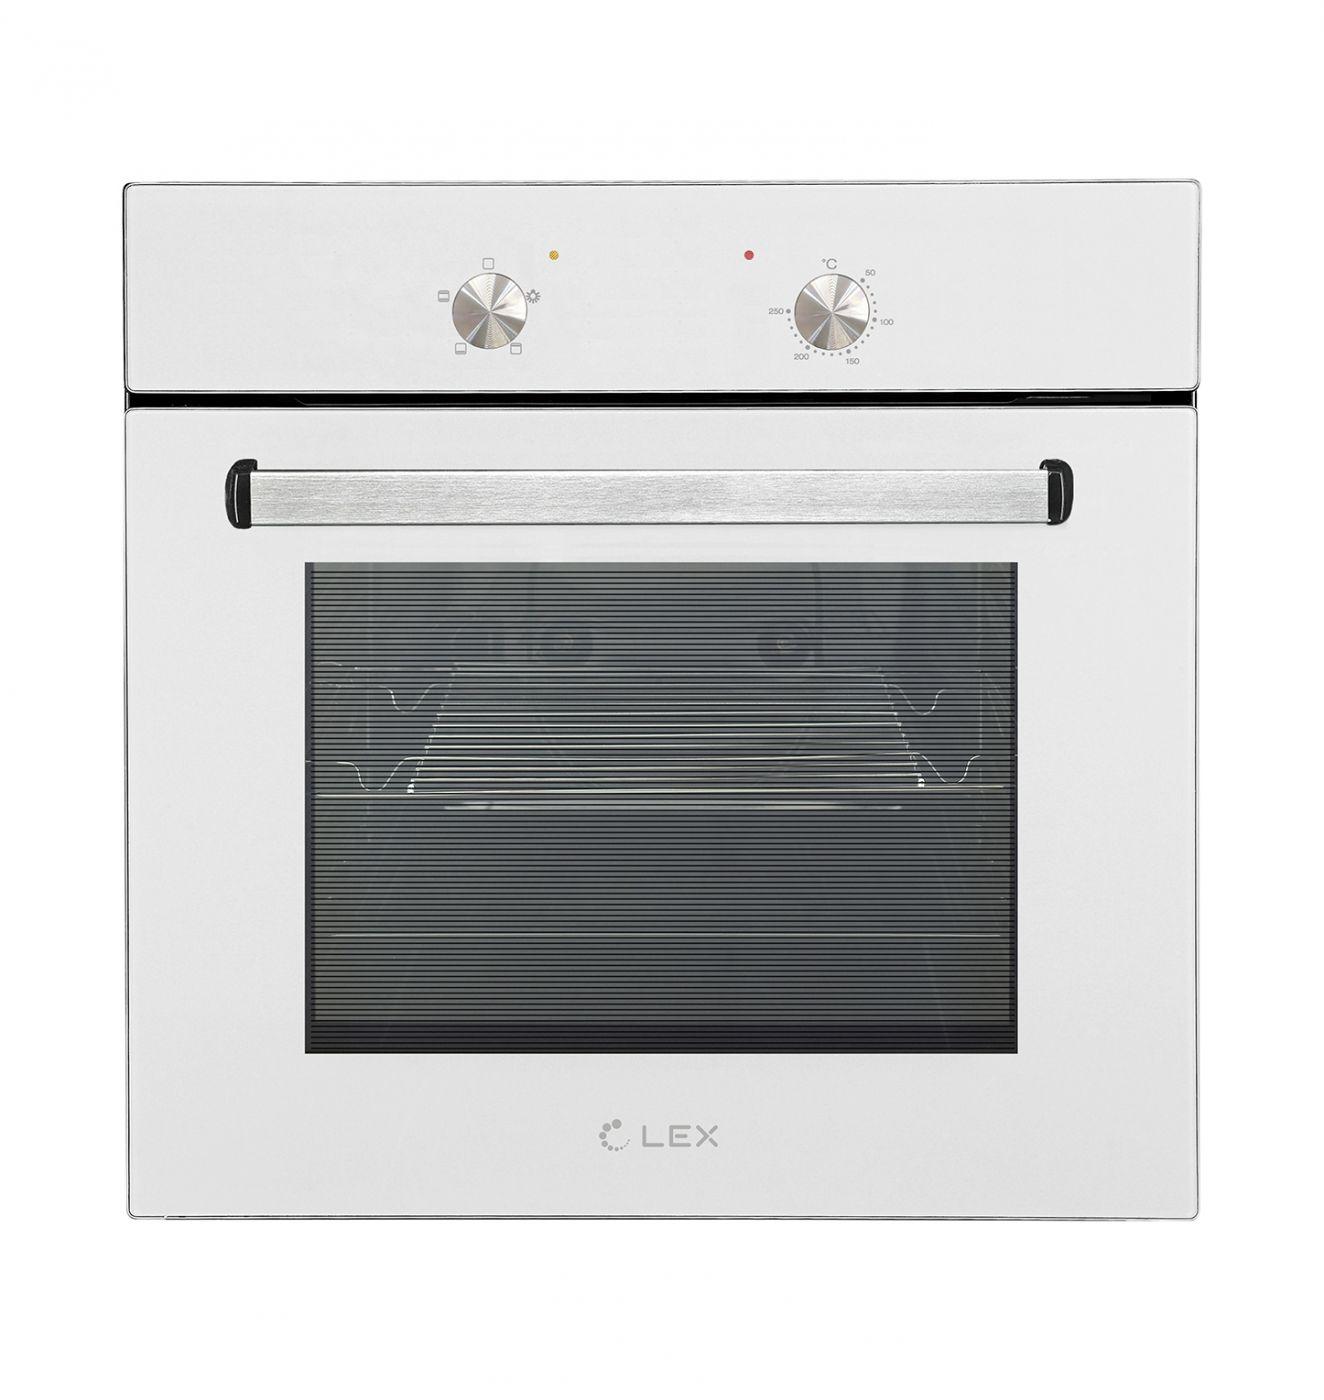 Электрический духовой шкаф LEX EDM 040 WH (CHAO000346)